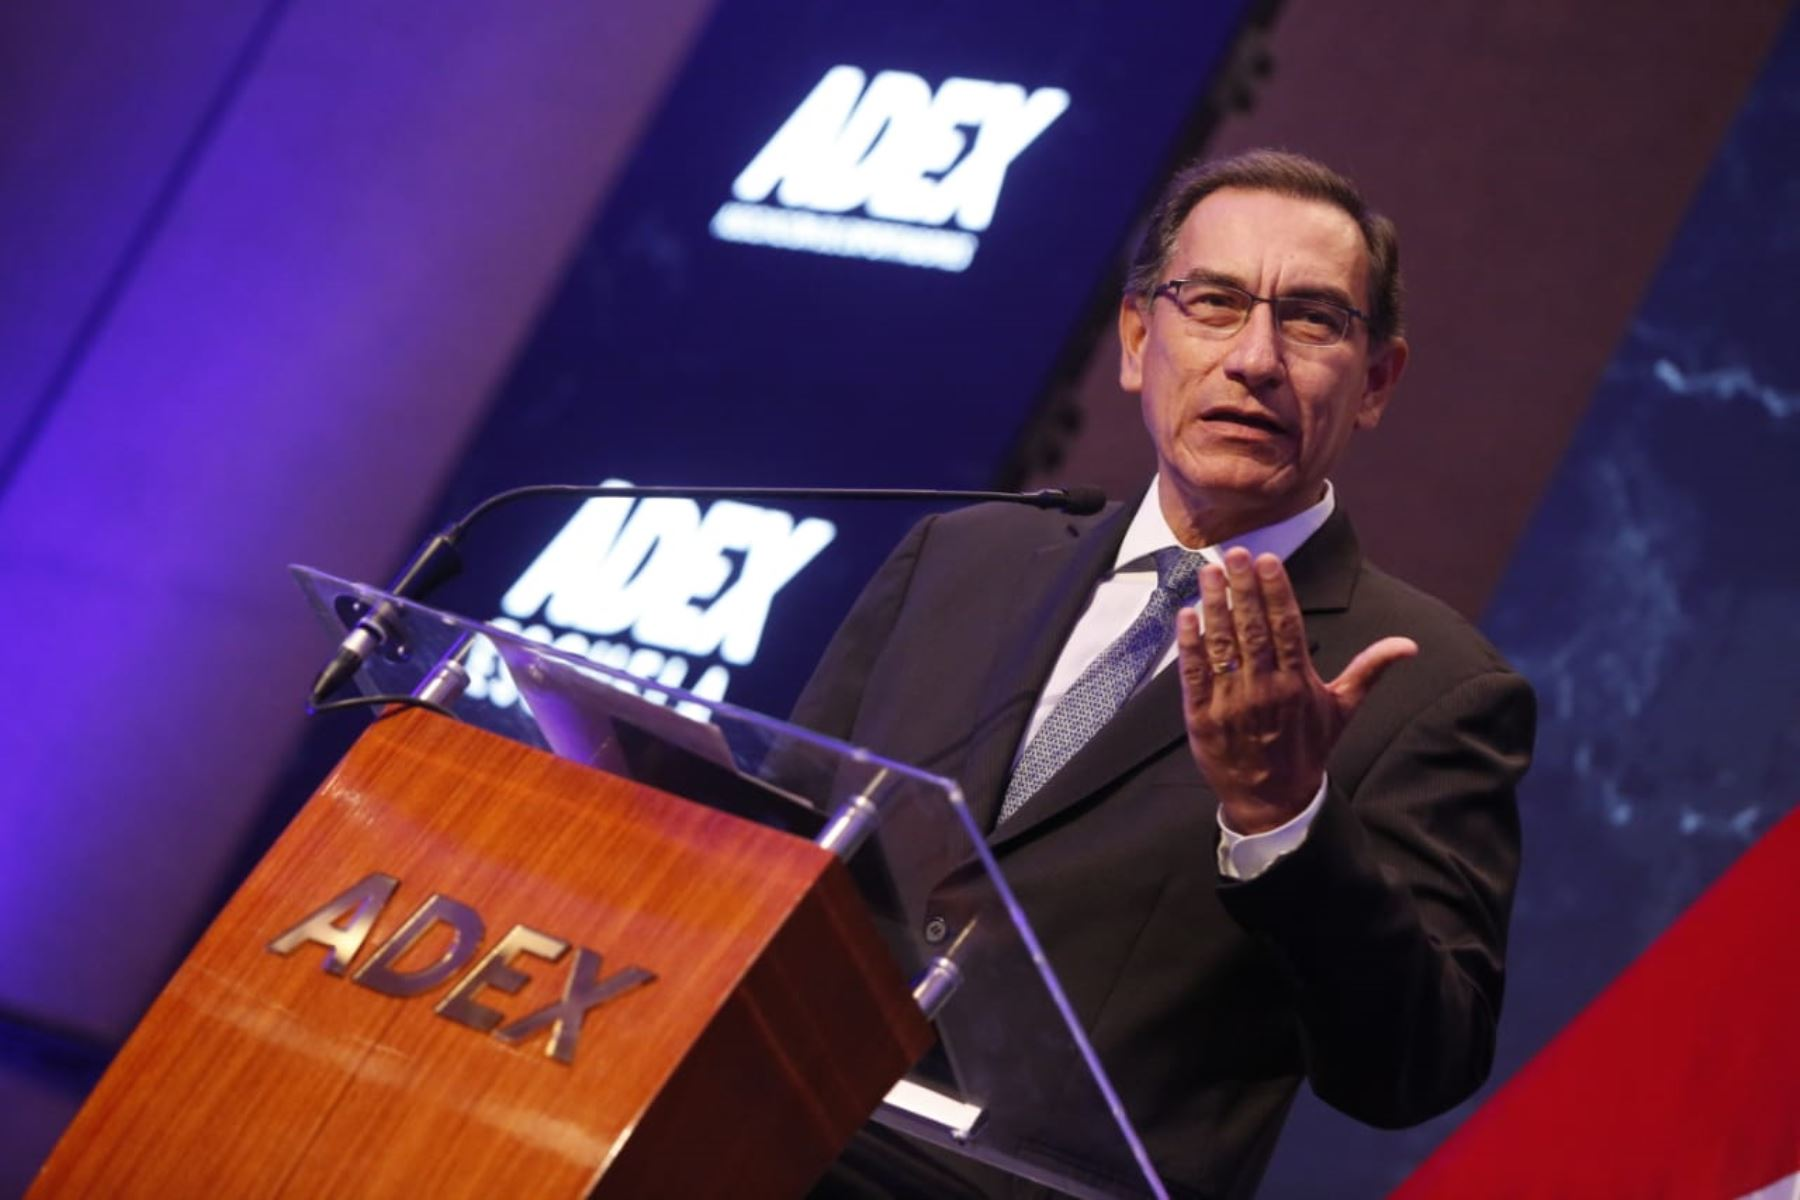 Presidente  Martín Vizcarra participa en la ceremonia de presentación del consejo directivo de la Asociación de Exportadores ( ADEX ).Foto: ANDINA/Presidencia